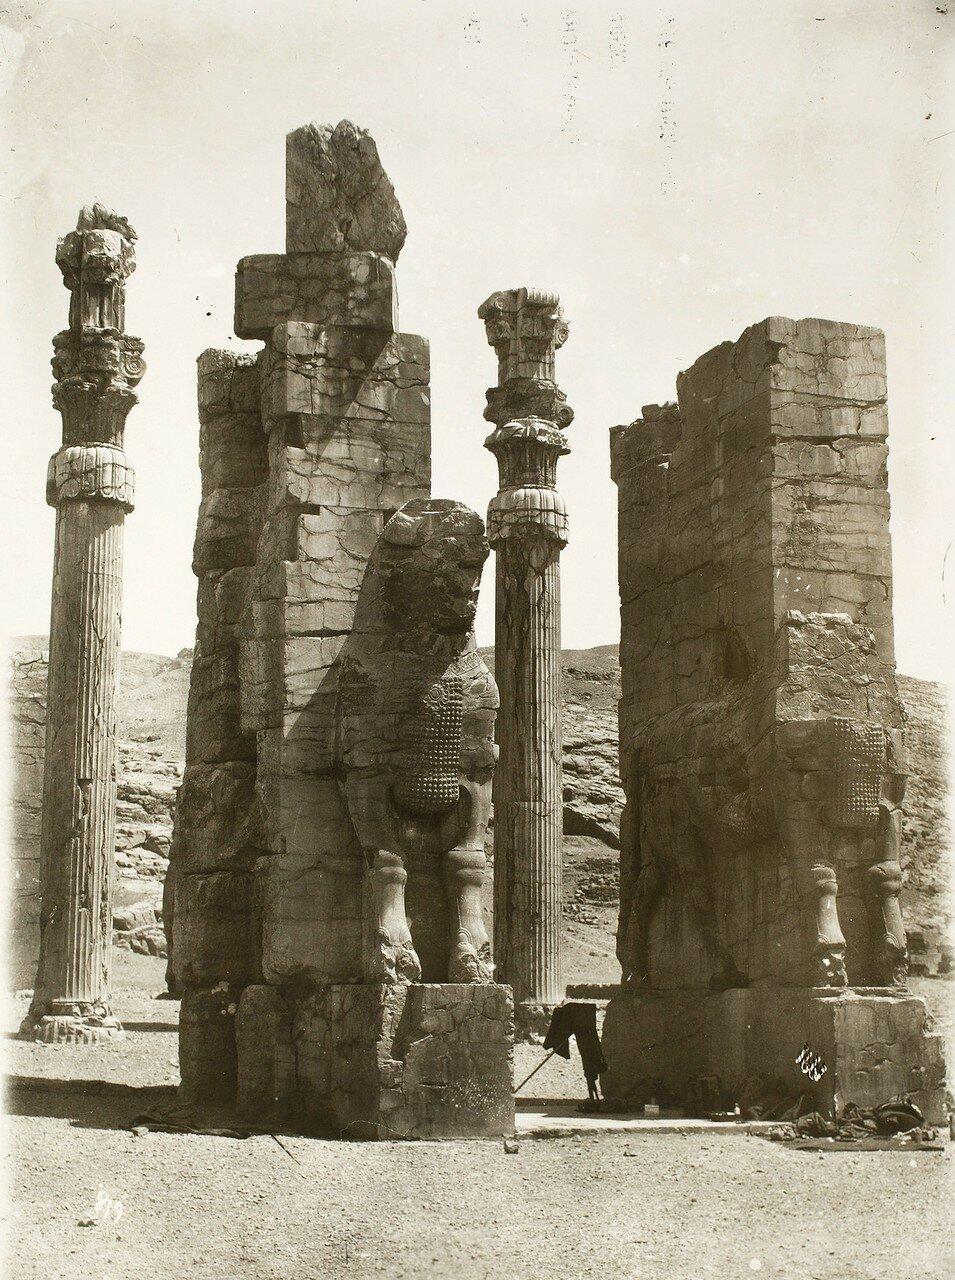 Персеполь. Ворота Ксеркса или Ворота всех наций. Охраняют врата ассирийские фигуры крылатых быков с человеческими головами